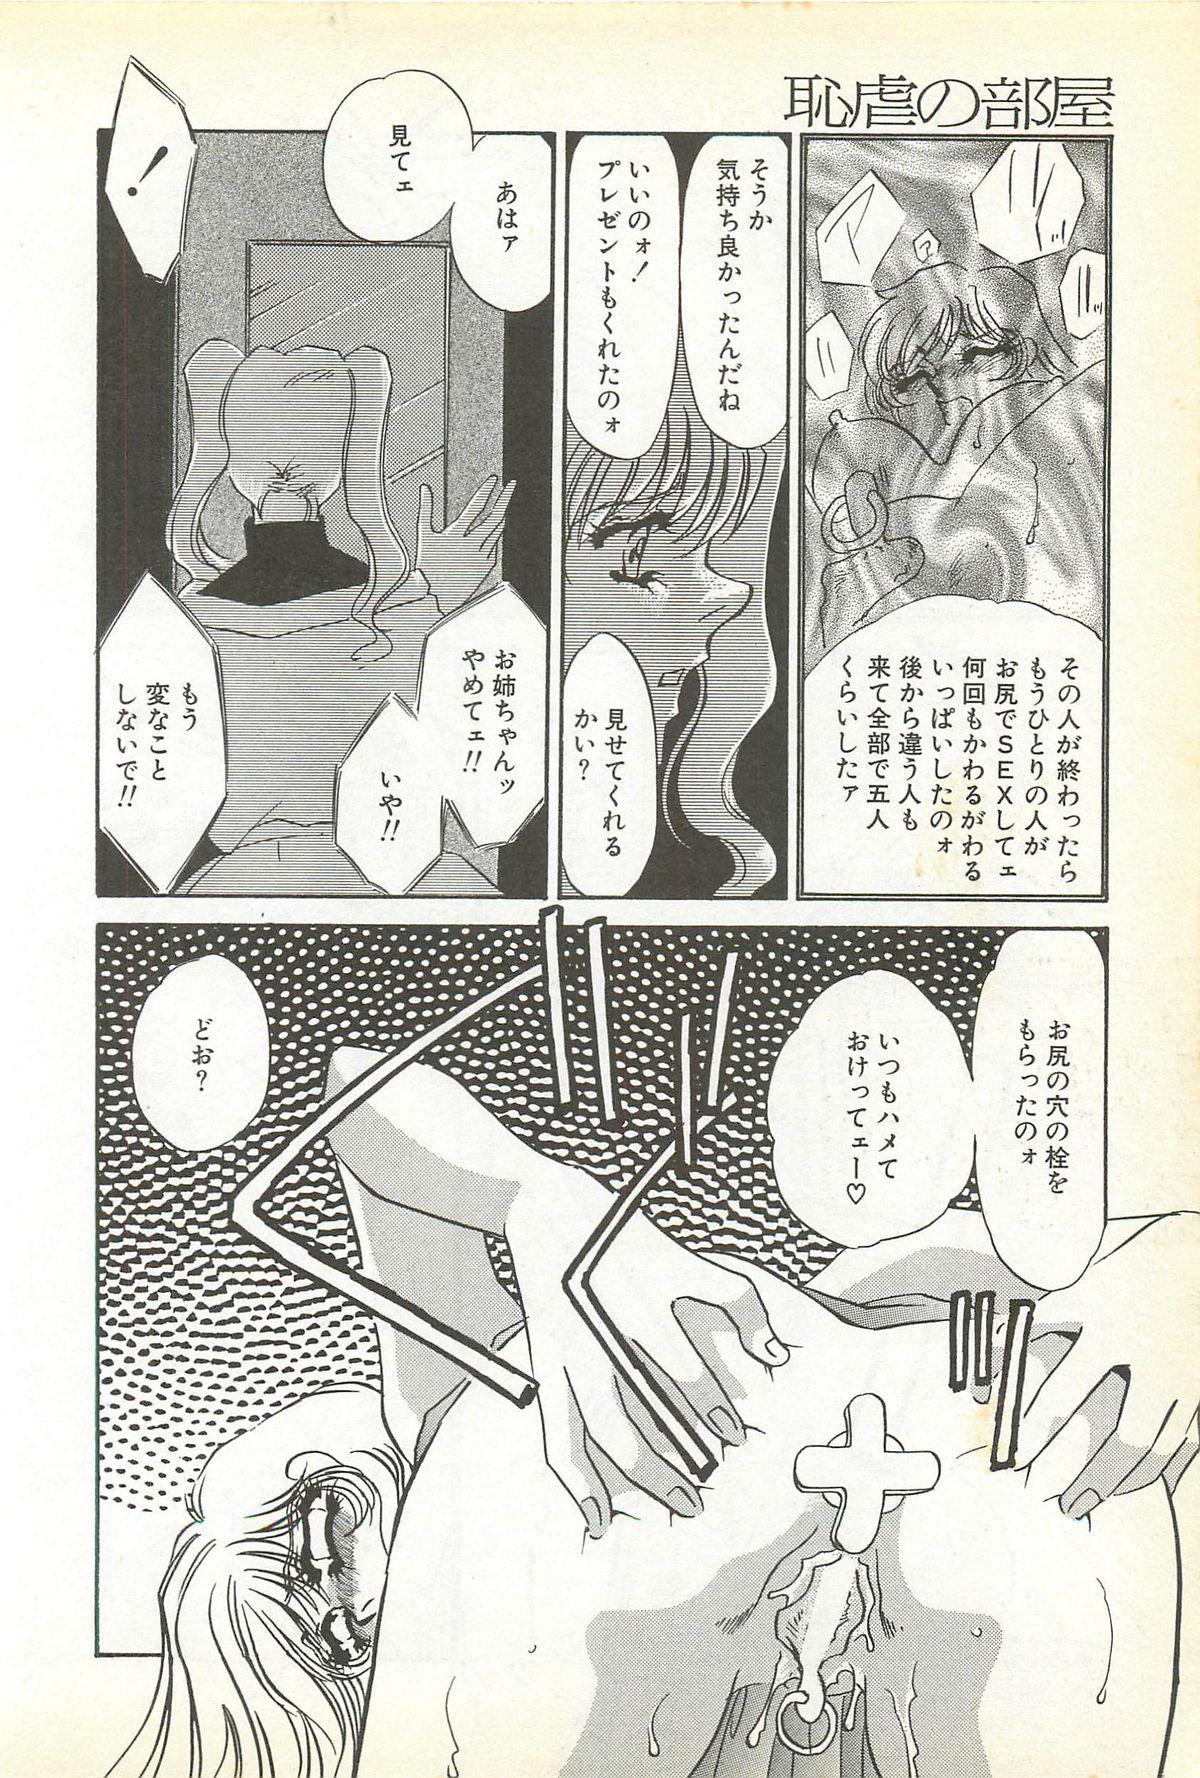 Chigyaku no Heya - A Shameful Punishment Room 113